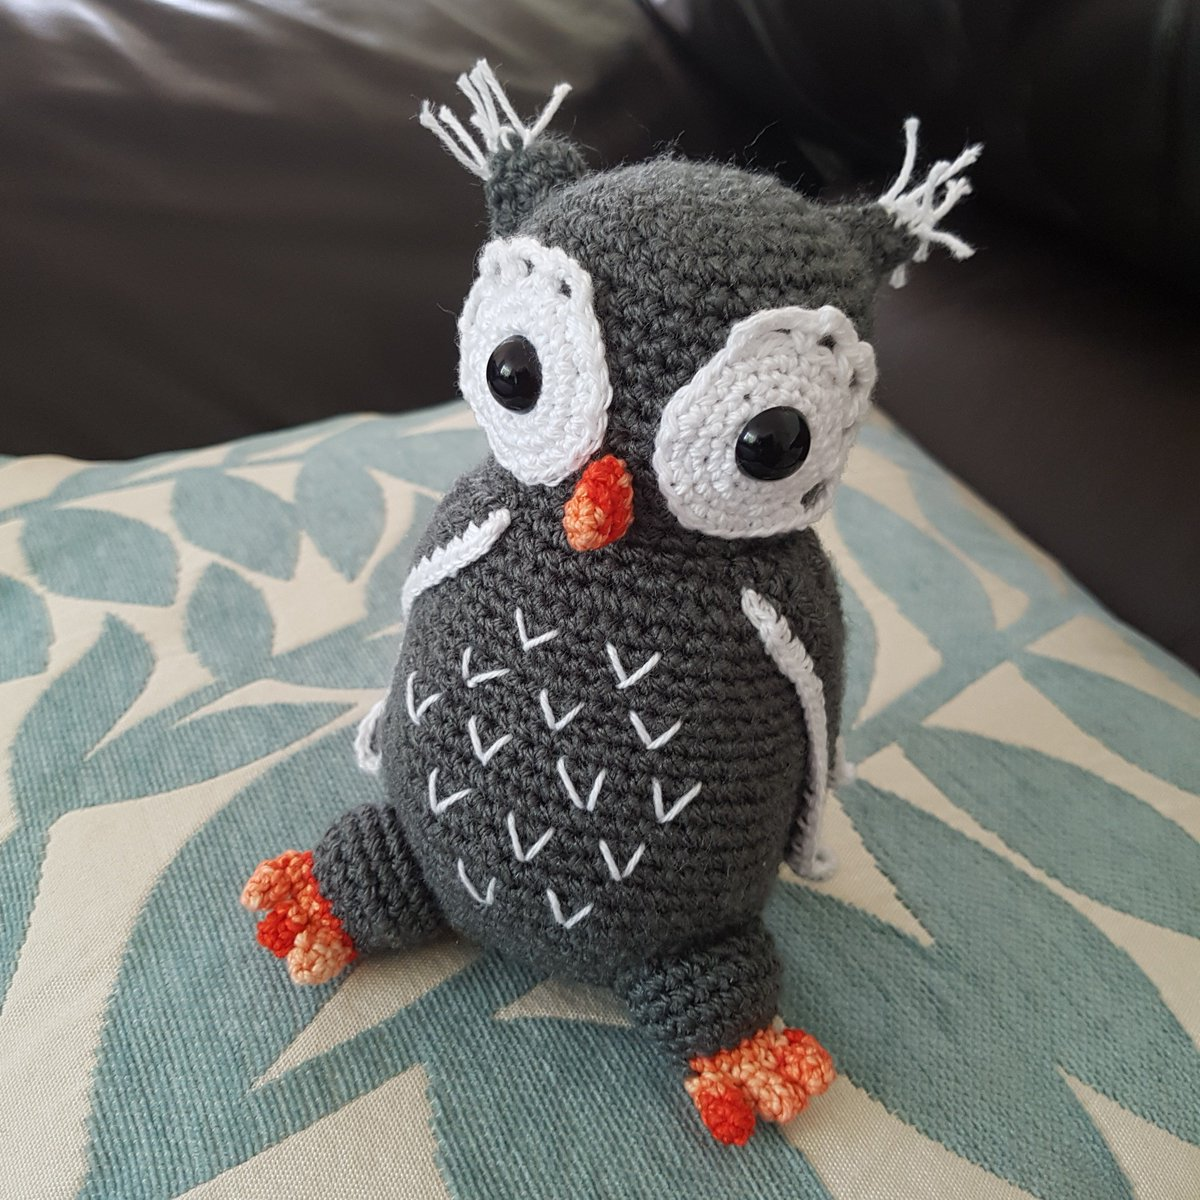 Crochet Owl, Owl, Barn Owl, Amigurumi Owl, Cute Owl, Plushy Owl ...   1200x1200